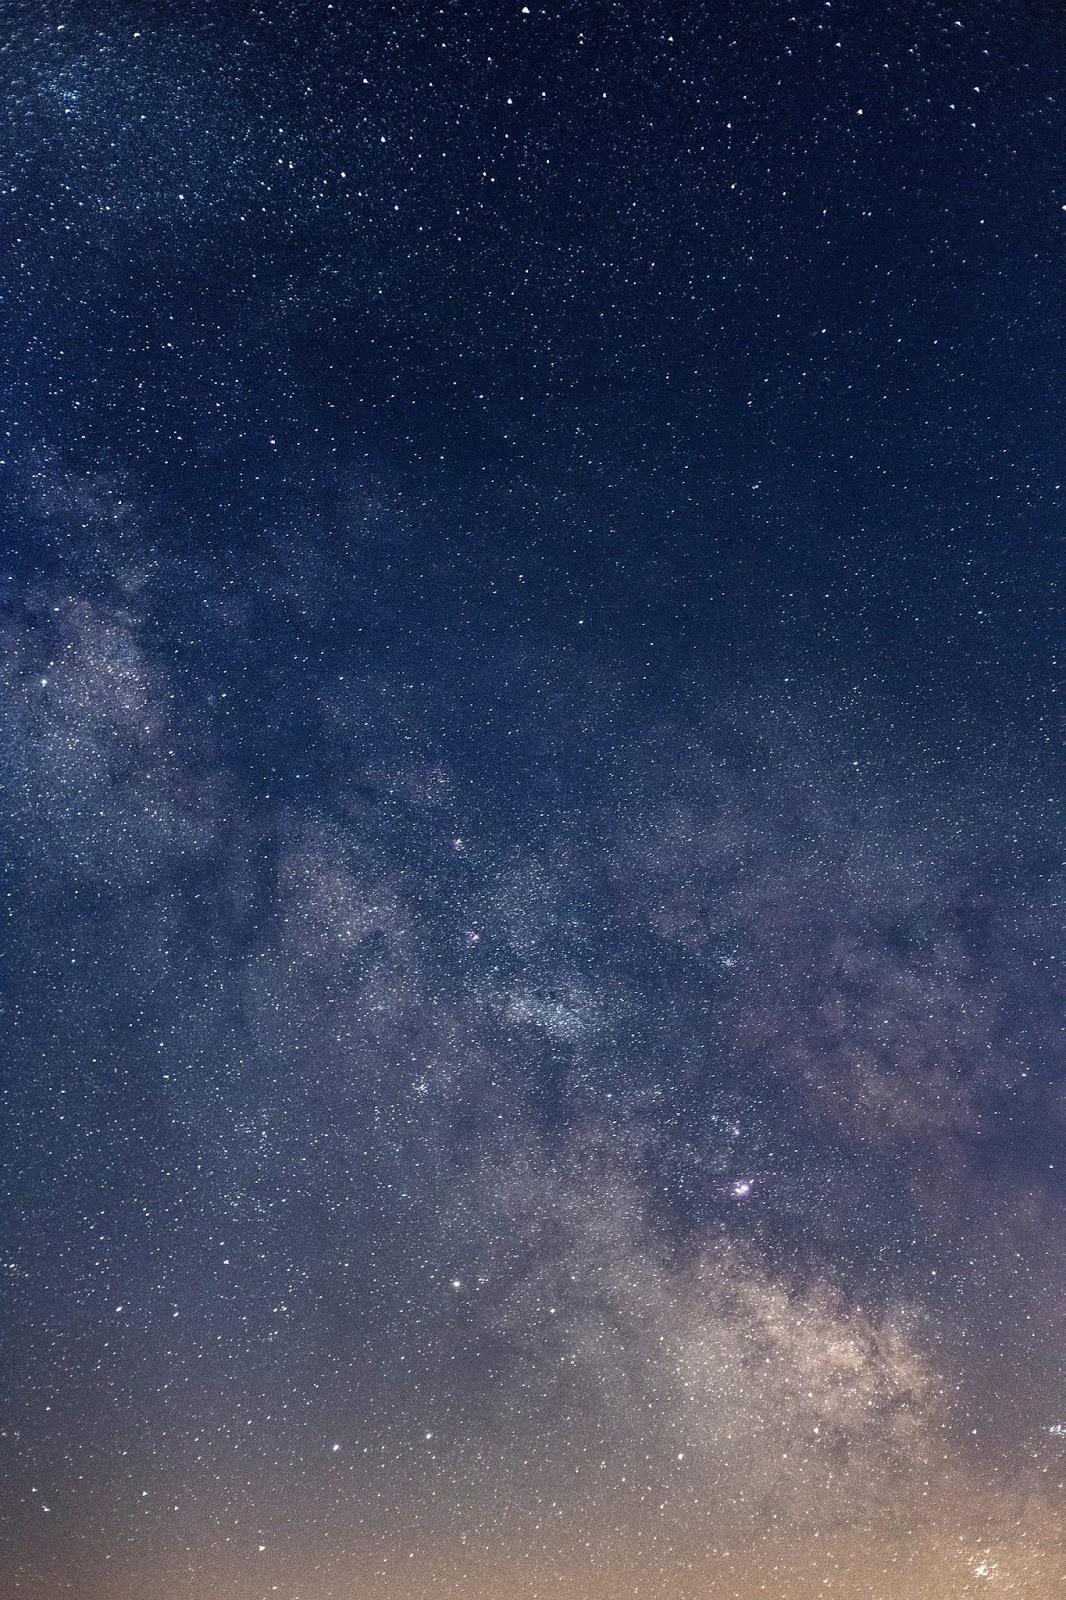 9500 Koleksi Gambar Pemandangan Malam Hari Full Hd HD Terbaik